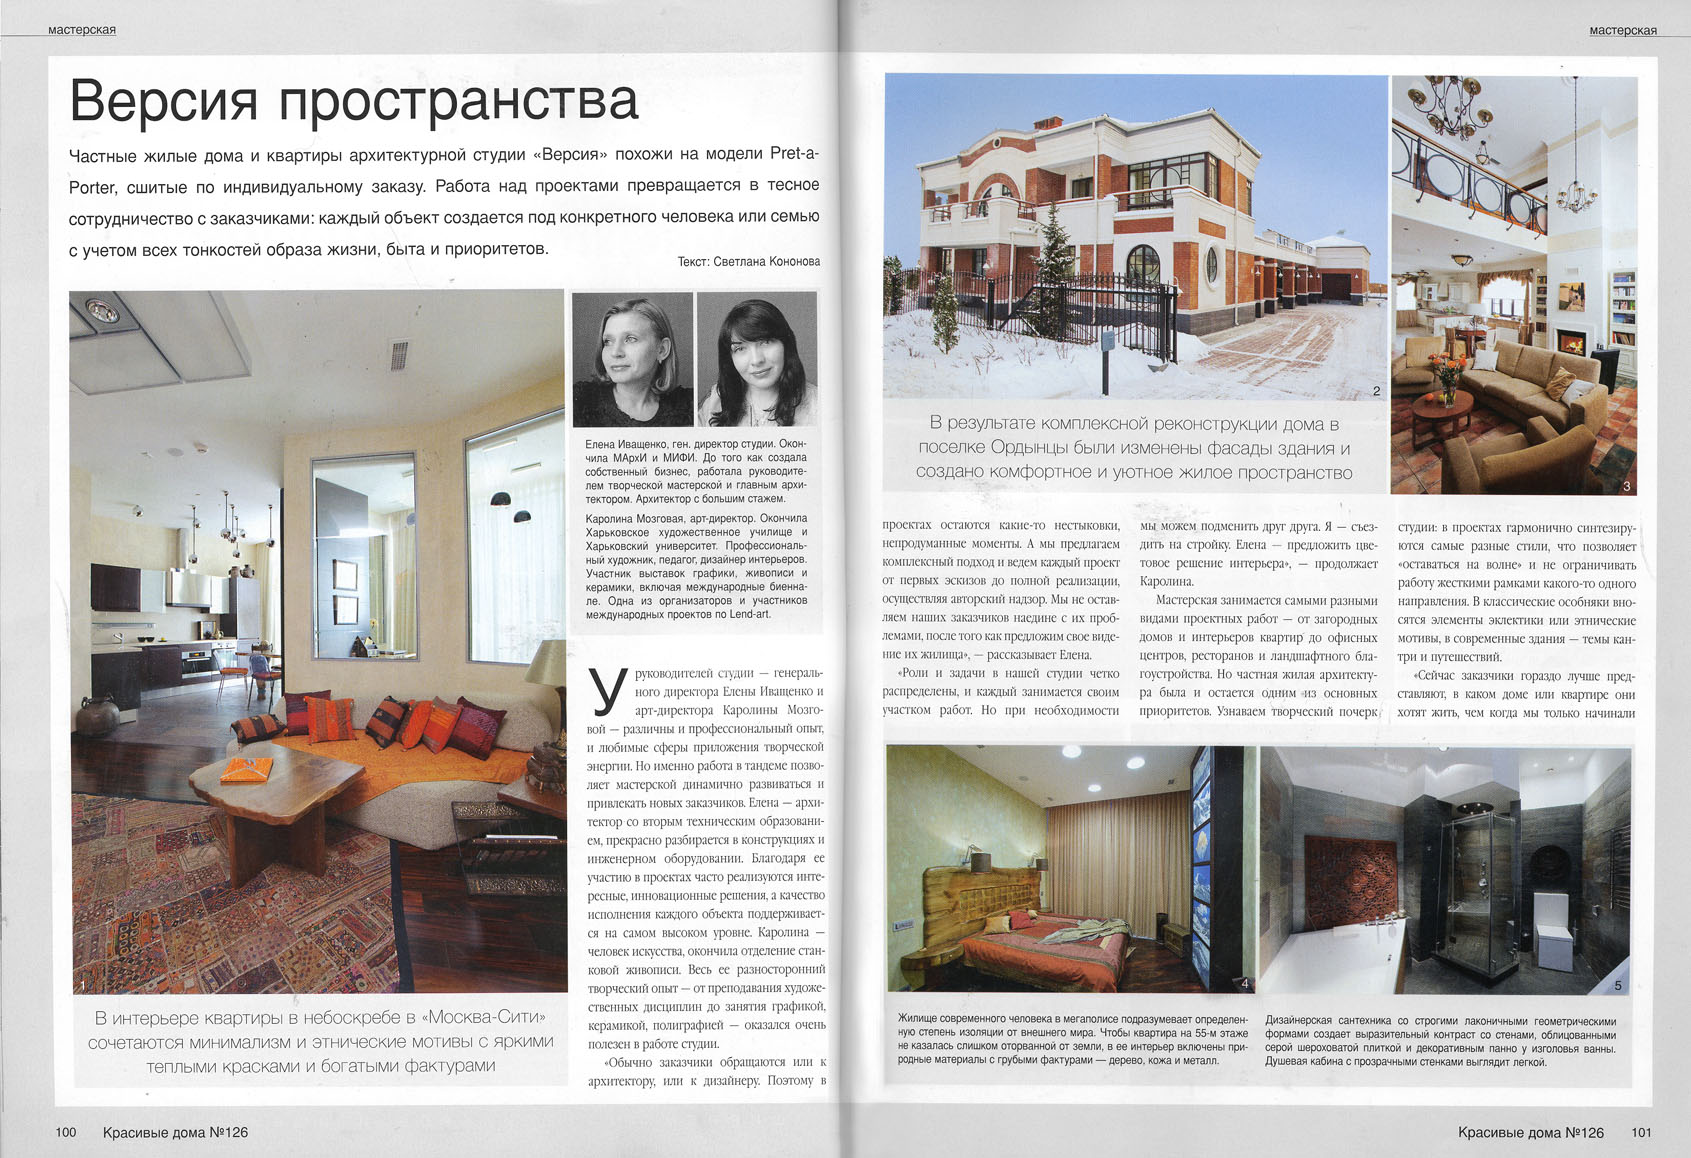 публикация проектирование дизайн